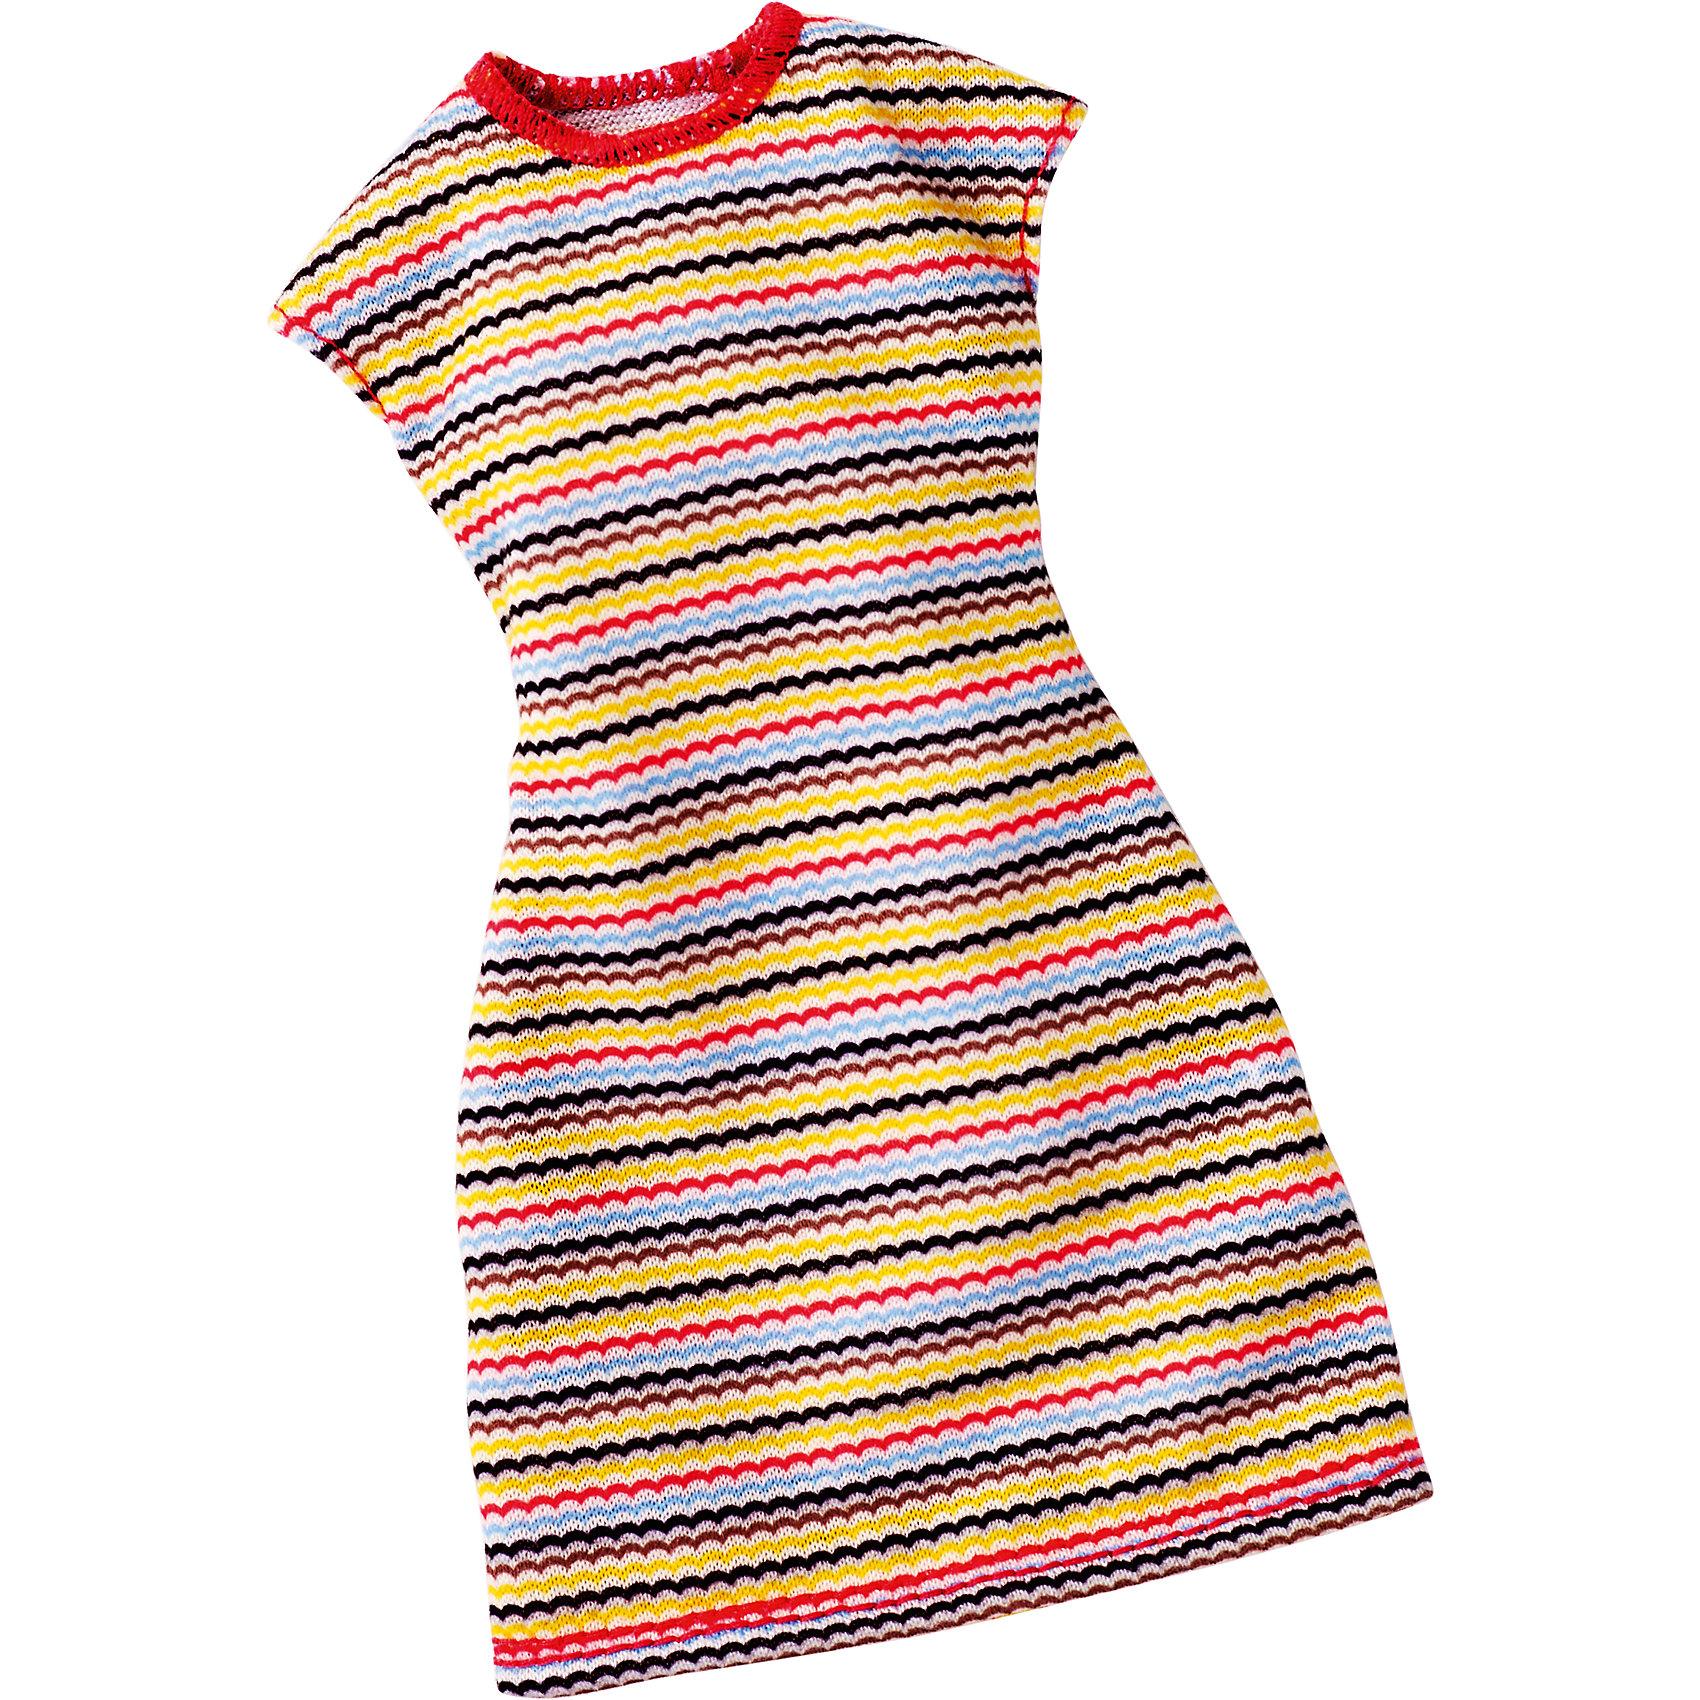 Универсальное платье для куклы (для всех типов фигур), BarbieКукольная одежда и аксессуары<br>Характеристики товара:<br><br>• цвет: жёлтый<br>• комплектация: 1 платье<br>• материал: текстиль<br>• ткань с принтом<br>• качественная обработка швов<br>• универсальное: для всех типов фигур<br>• возраст: от трех лет<br>• страна бренда: США<br><br>Это платье порадует маленьких любительниц кукол Barbie. Оно поможет создать новый образ своей кукле. Платье отлично сидит на разных модификациях Барби, оно прекрасно обработано! Такой наряд станет желанным подарком для девочек, которые следят за модными тенденциями.<br><br>Игры с куклами помогают развить у девочек вкус и чувство стиля, отработать сценарии поведения в обществе, развить воображение и мелкую моторику. Барби от бренда Mattel не перестает быть популярной! <br><br>Универсальное платье для куклы (для всех типов фигур), Barbie, от компании Mattel можно купить в нашем интернет-магазине.<br><br>Ширина мм: 155<br>Глубина мм: 83<br>Высота мм: 15<br>Вес г: 11<br>Возраст от месяцев: 36<br>Возраст до месяцев: 72<br>Пол: Женский<br>Возраст: Детский<br>SKU: 5389691